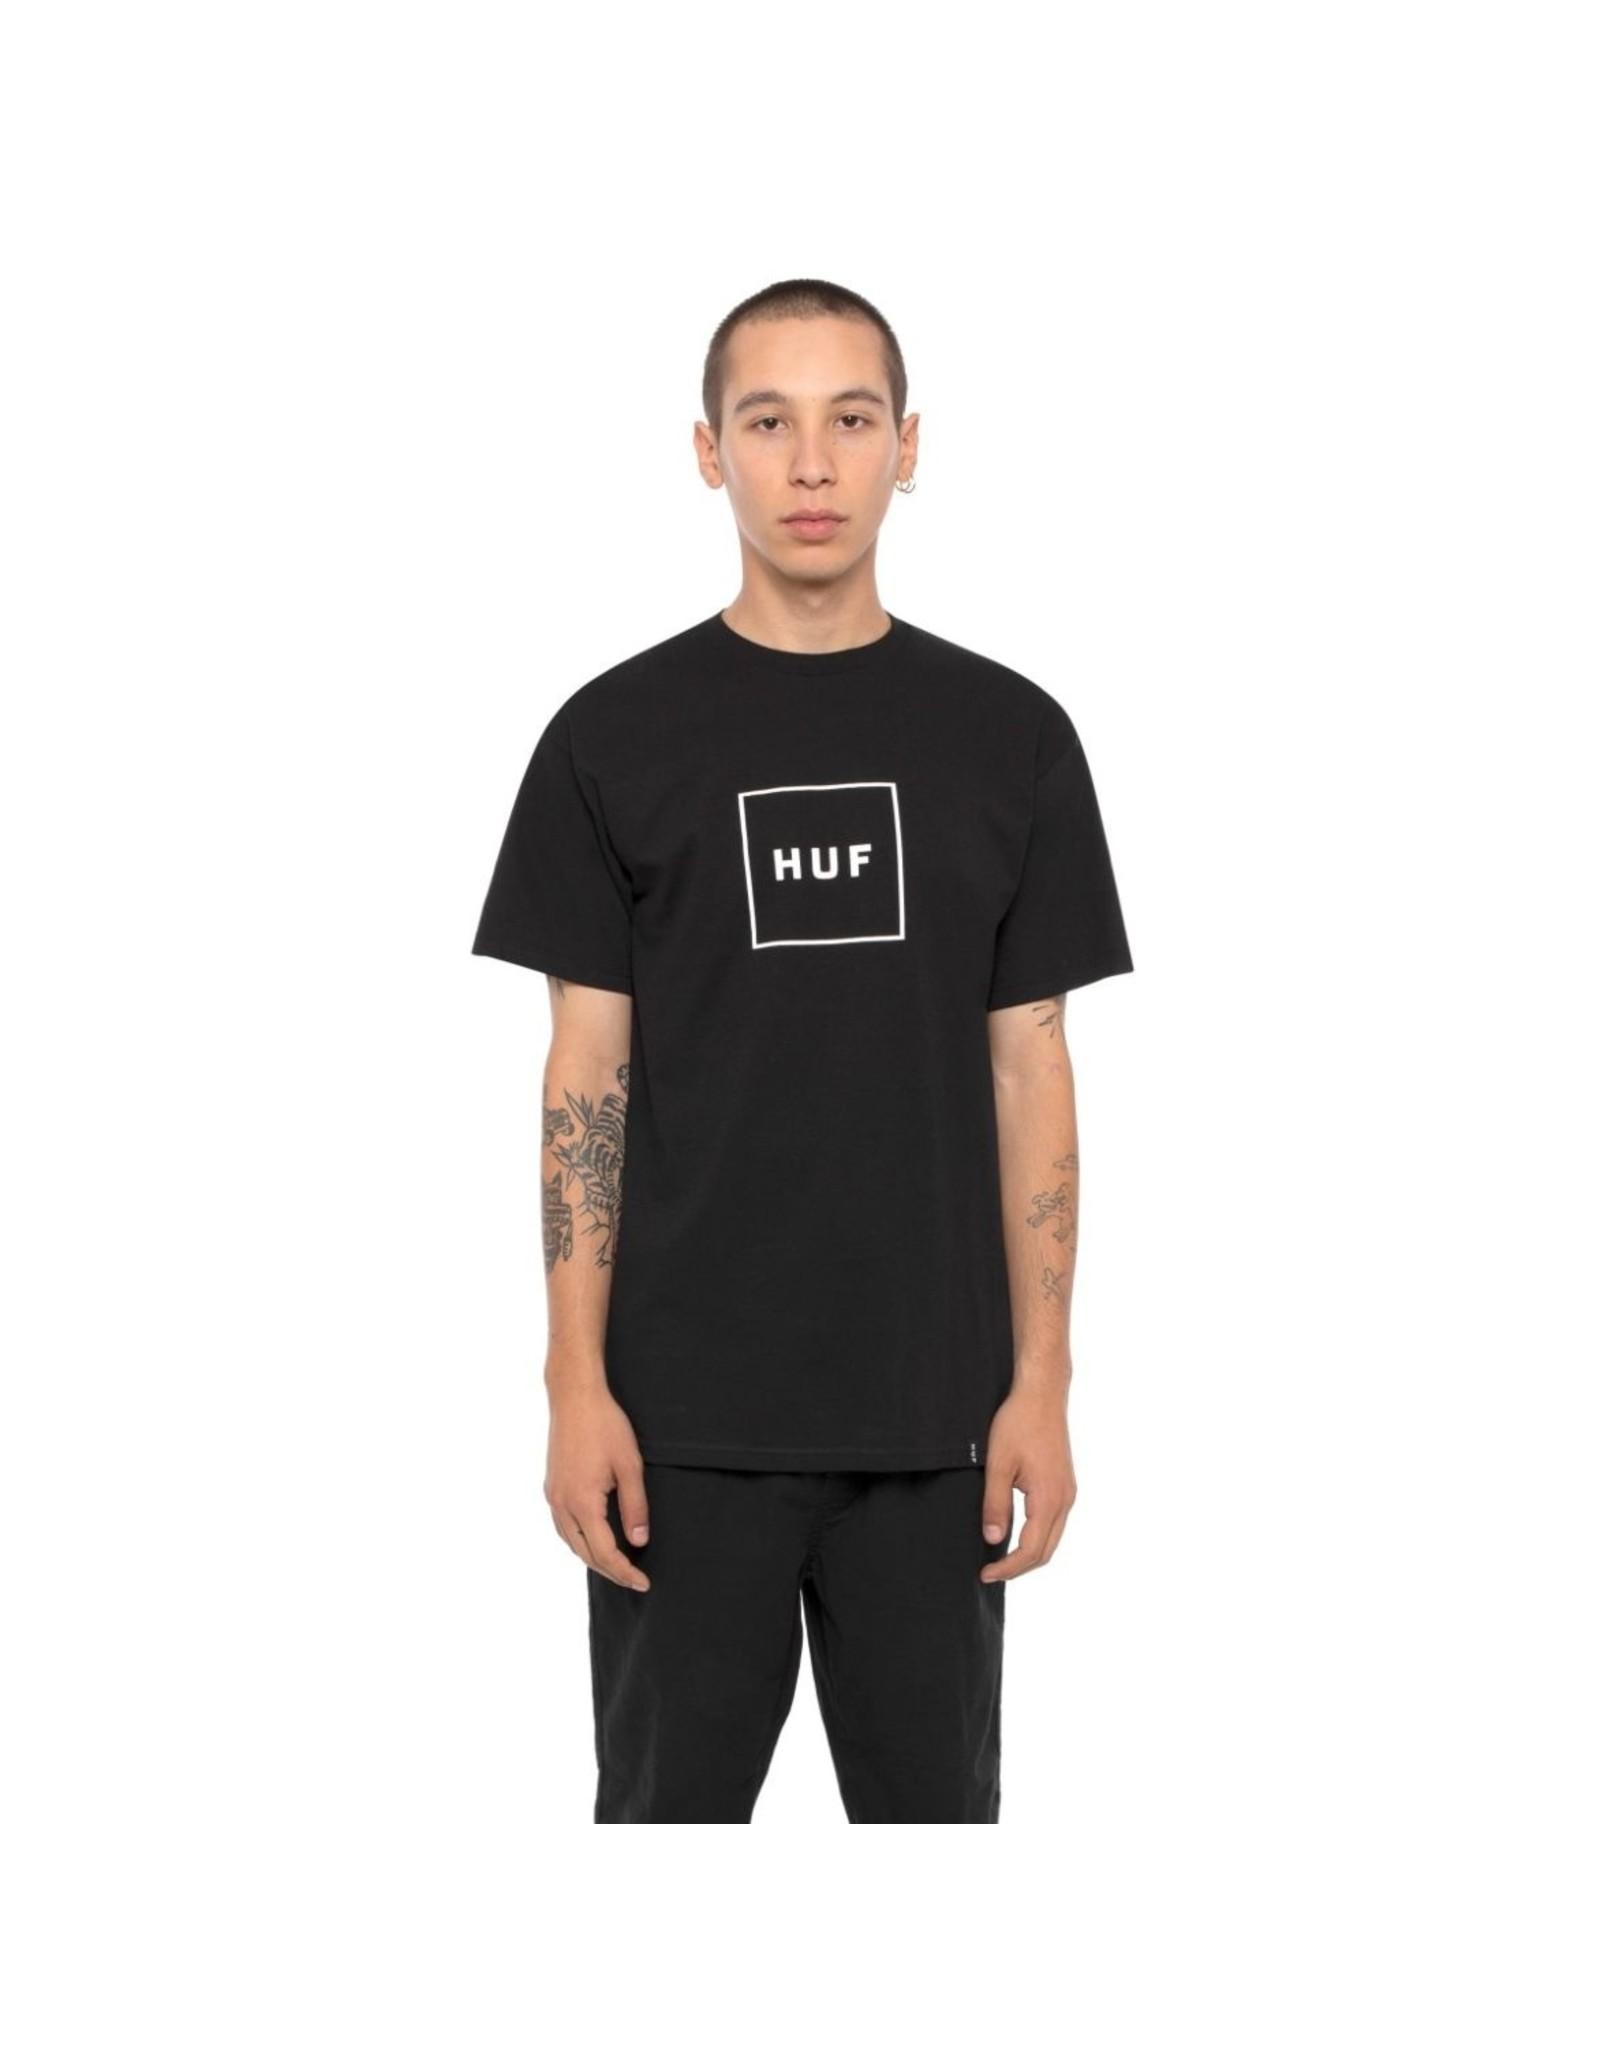 HUF HUF - ESSENTIAL BOX LOGO TEE - BLACK